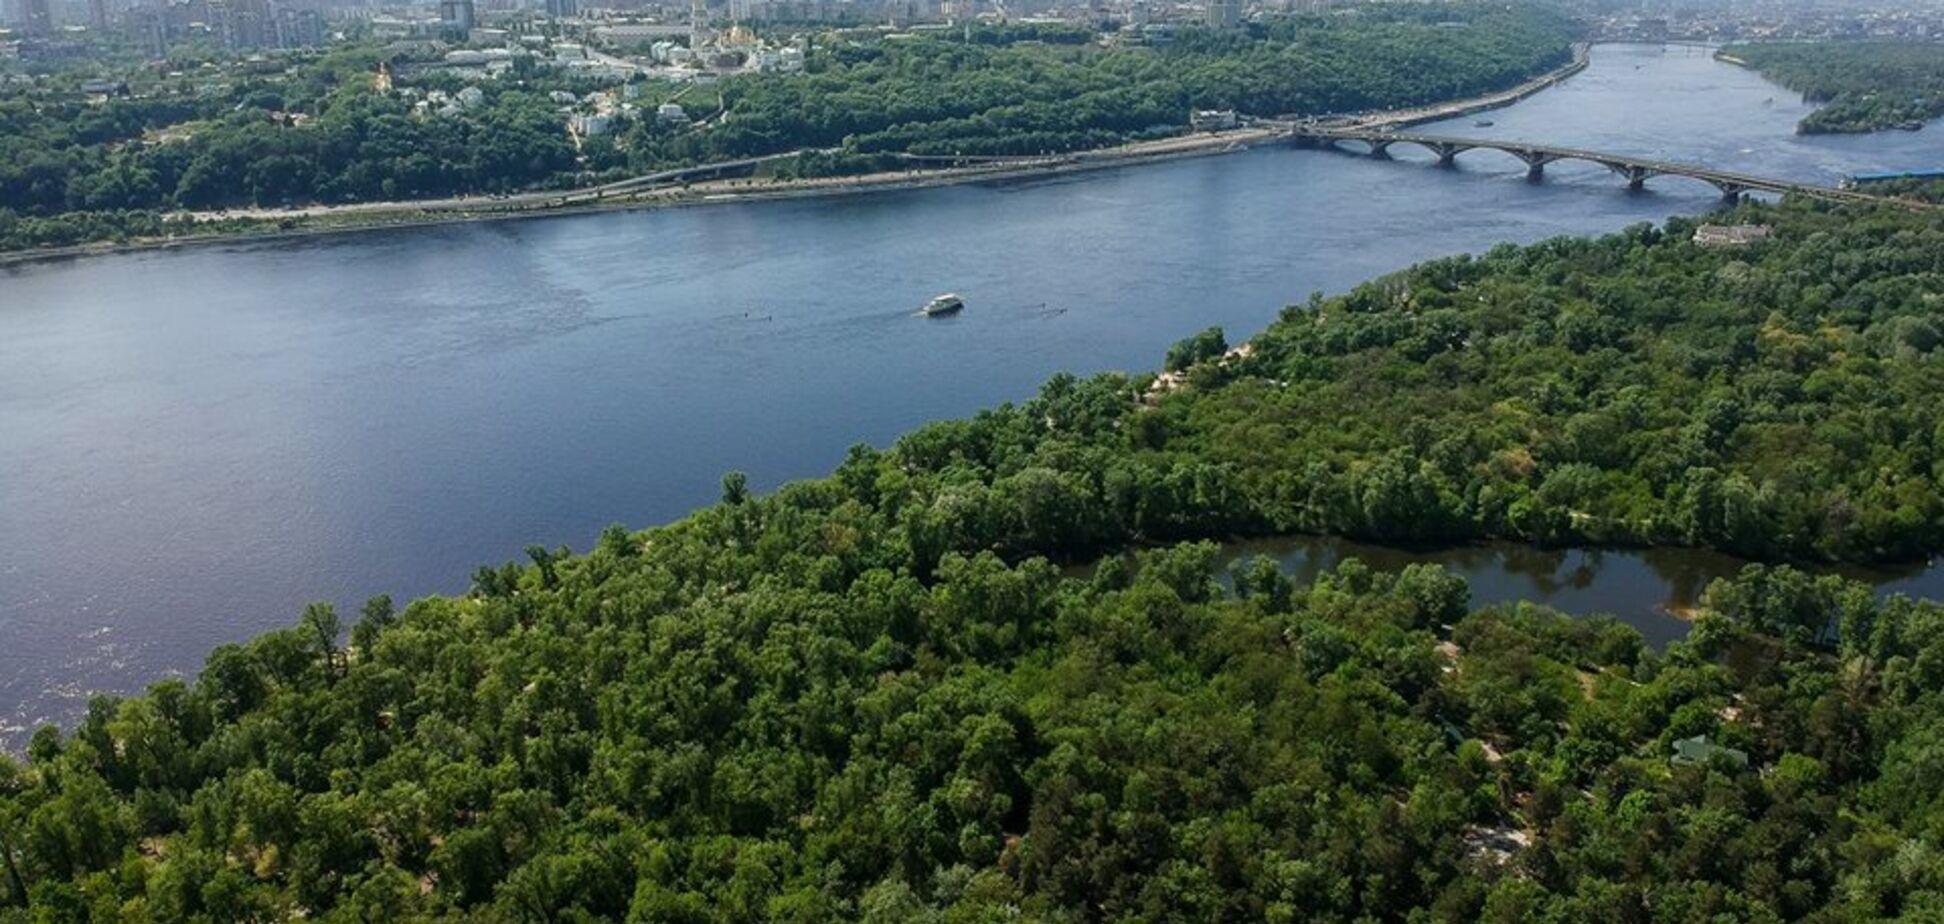 Місто-сад: опубліковані приголомшливі фото Києва з висоти